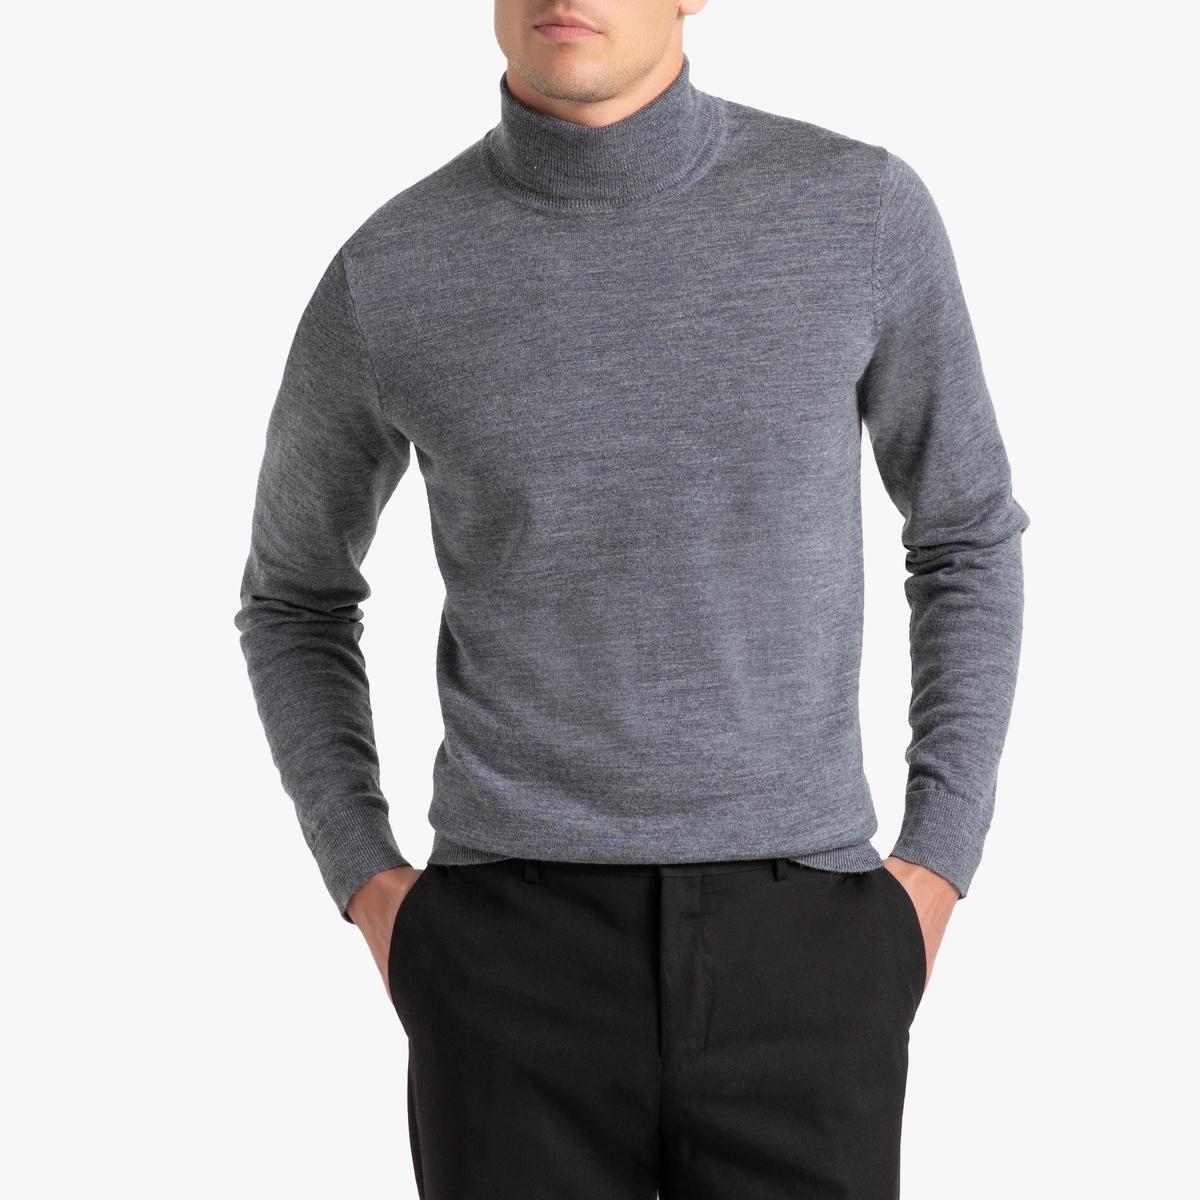 Пуловер La Redoute С отворачивающимся воротником из шерсти мериноса Pascal 3XL серый jd коллекция серый цвет серый 3xl